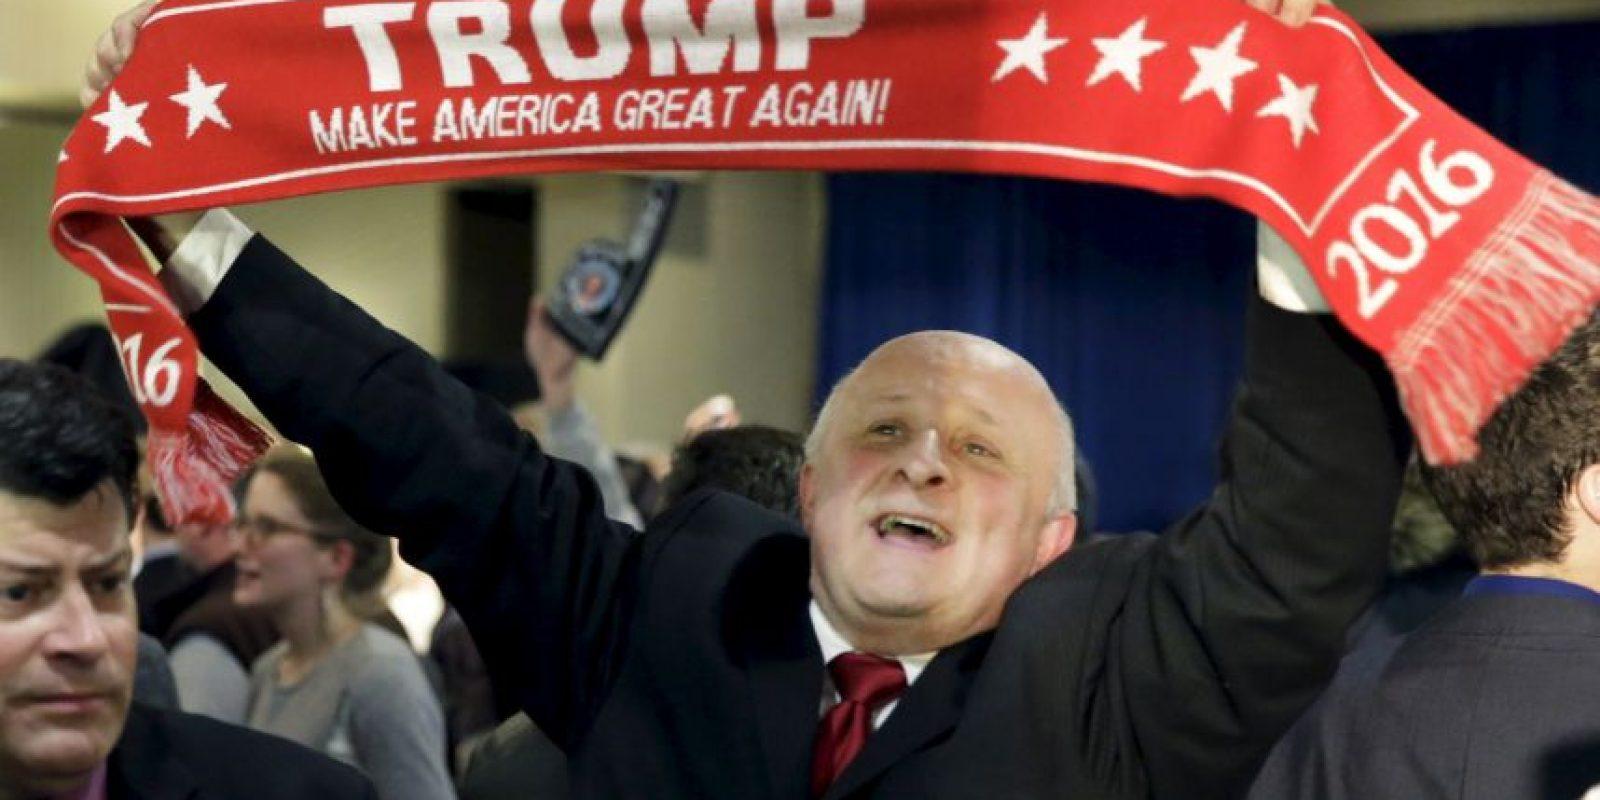 A pesar de las polémicas causadas durante sus campañas, Trump logró colocarse en la primera posición en las primarias en New Hampshire. Foto:AP